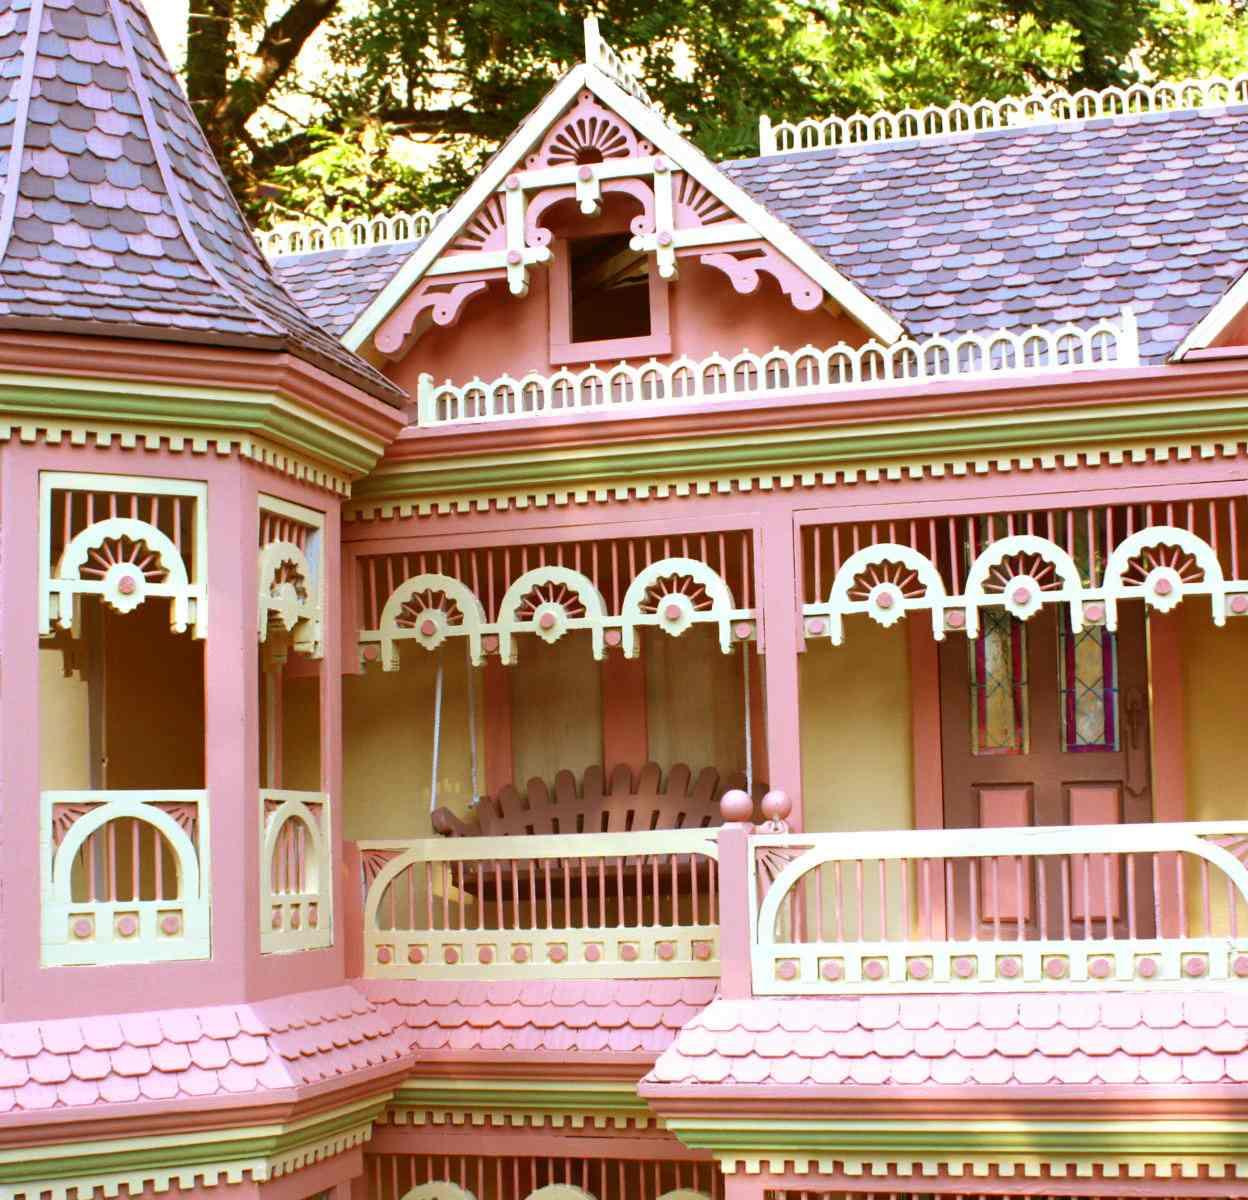 Barbie size dollhouse plans for Barbie house plans